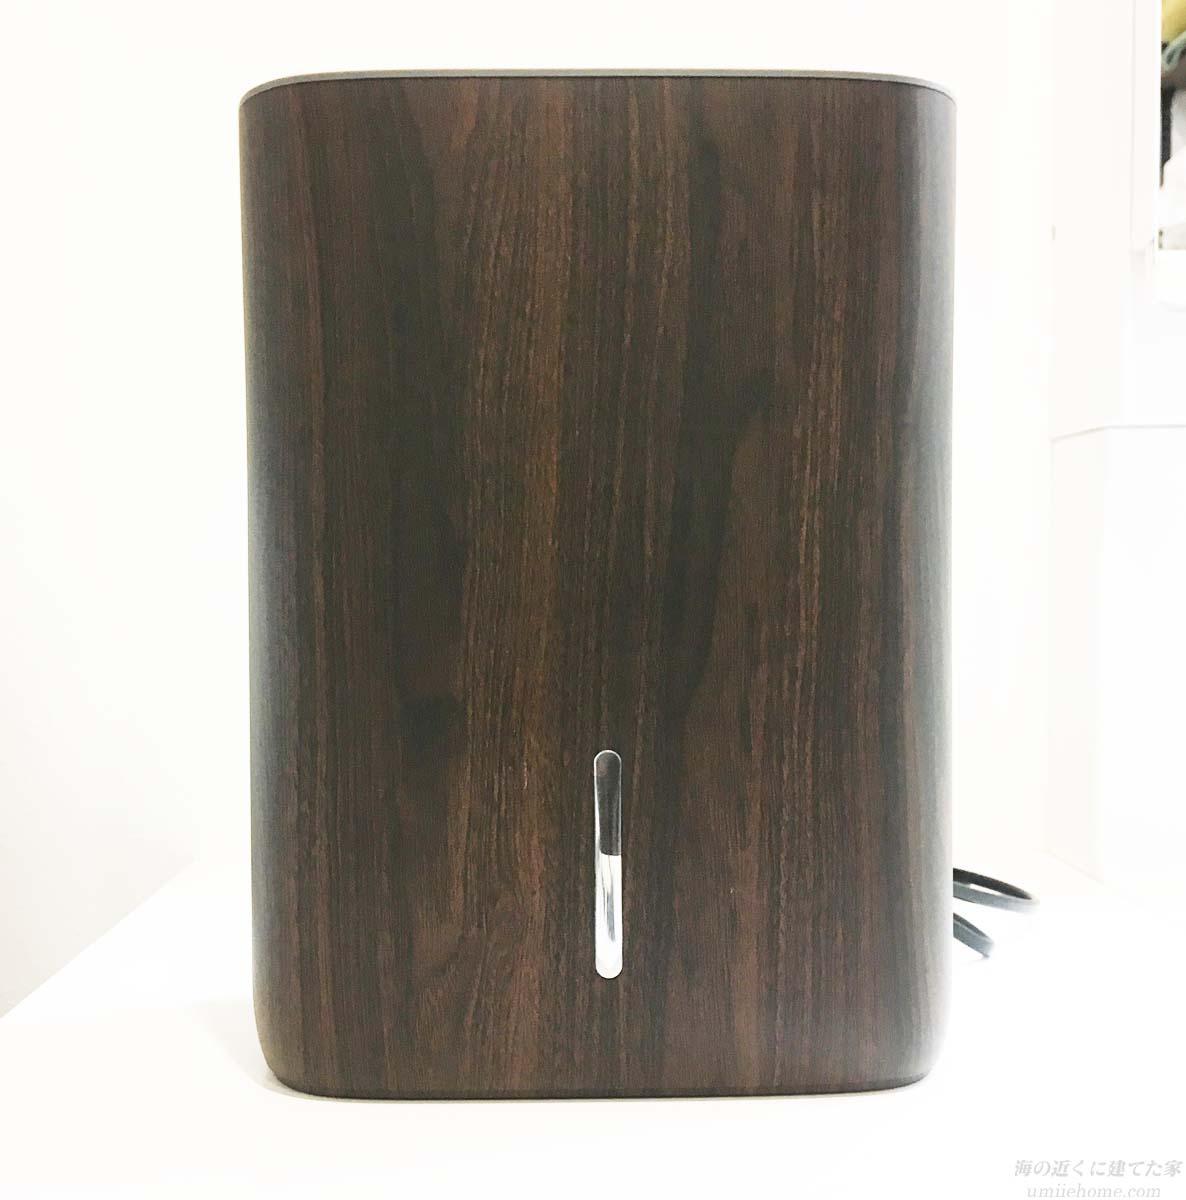 木目調の除湿器